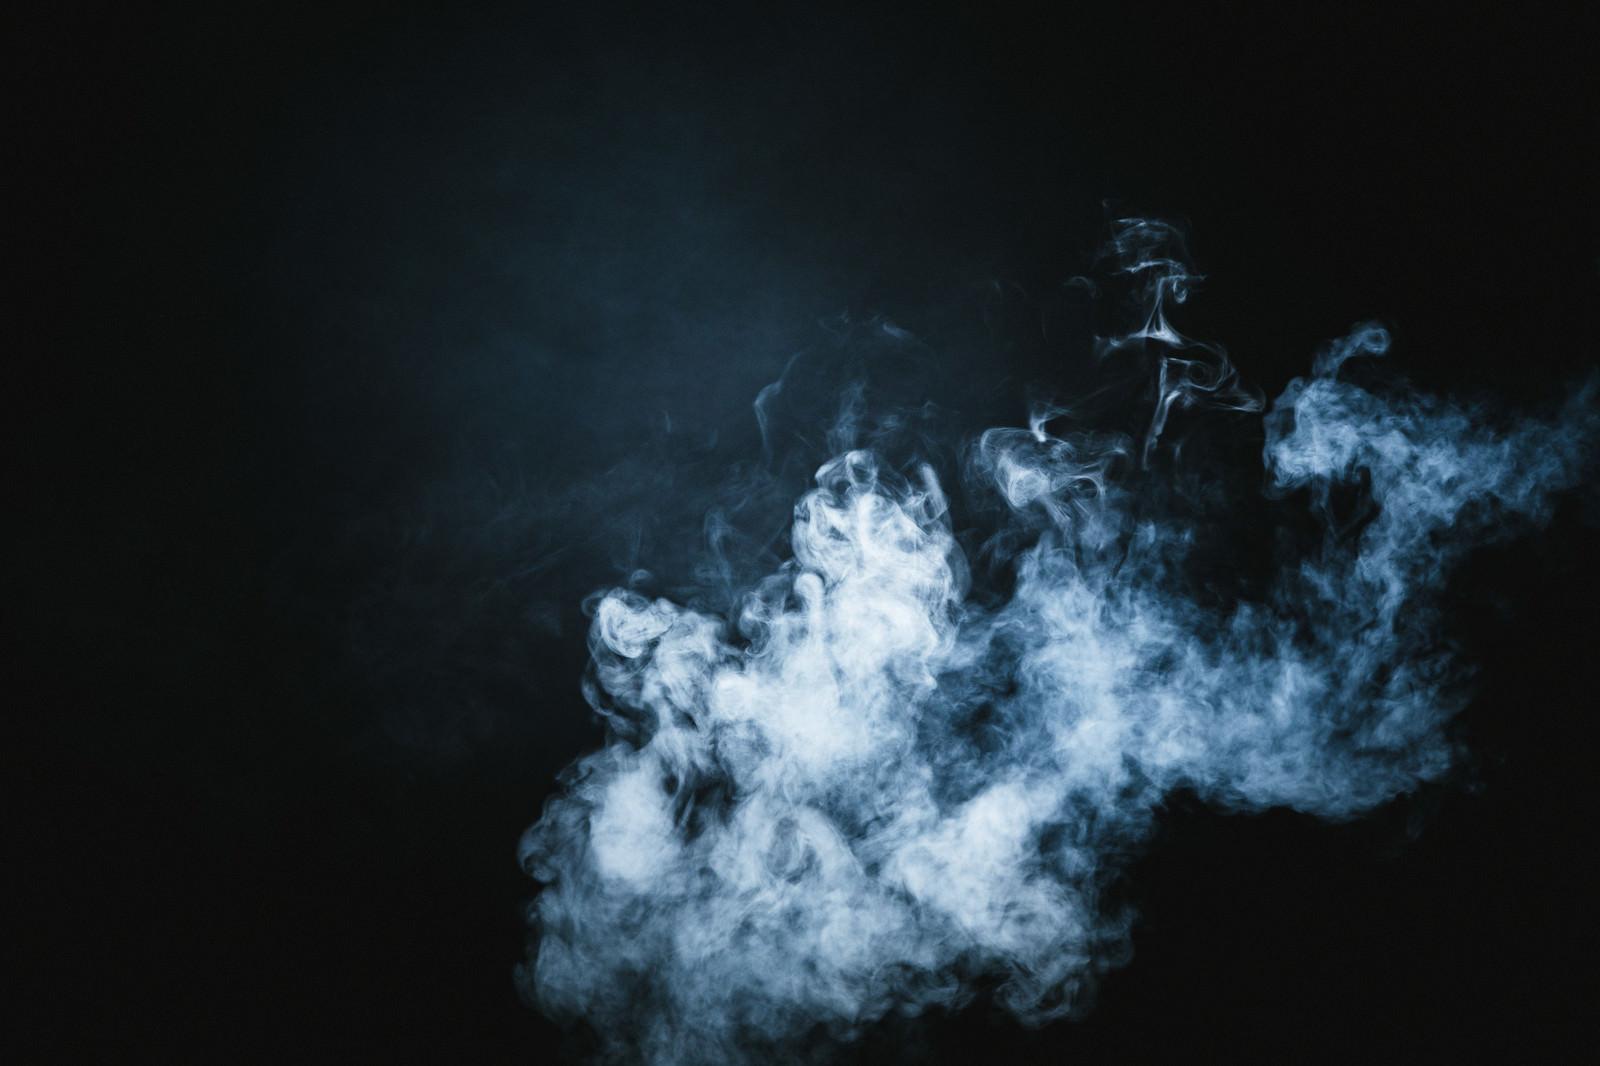 「消えそうなスモーク消えそうなスモーク」のフリー写真素材を拡大